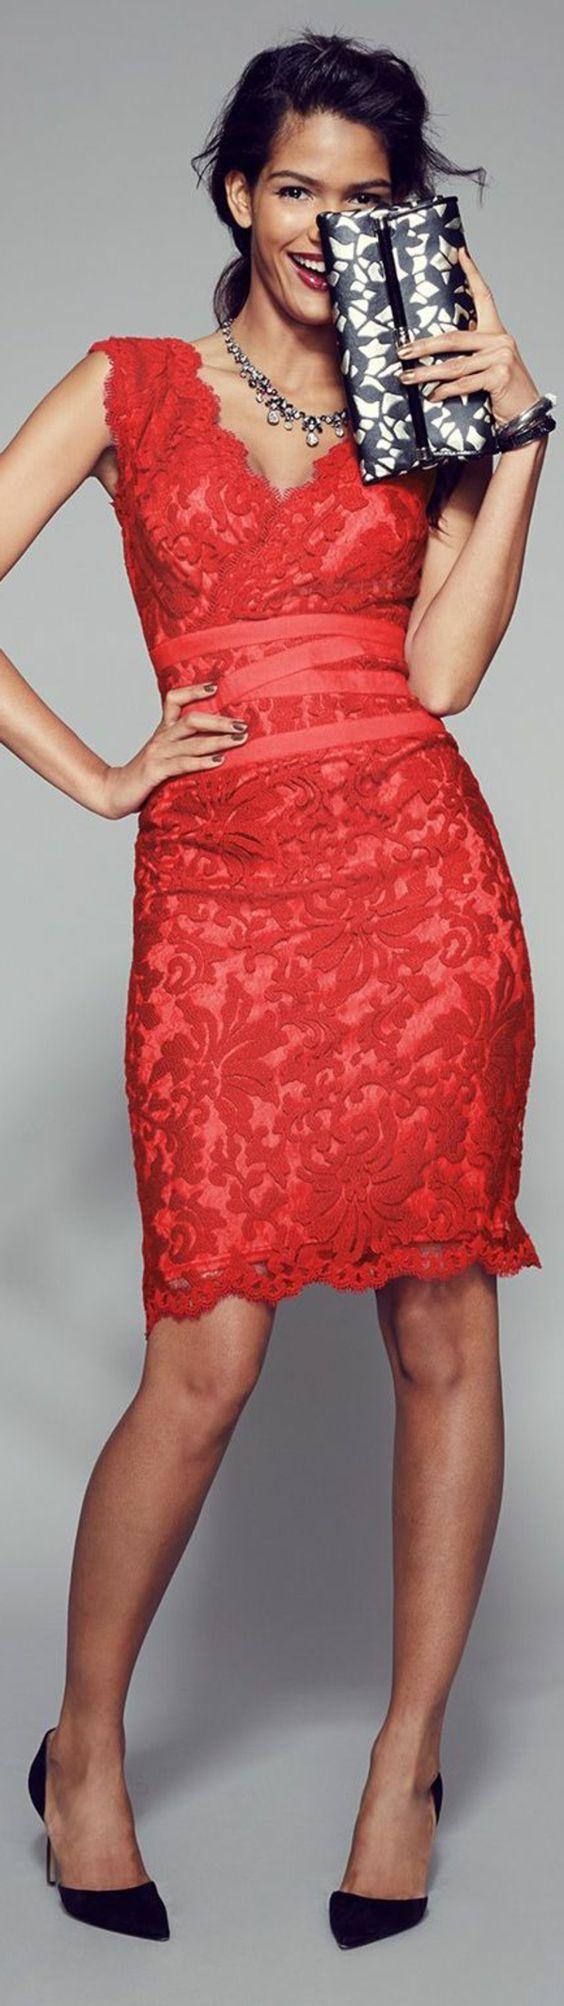 robe avec dentelle rouge: